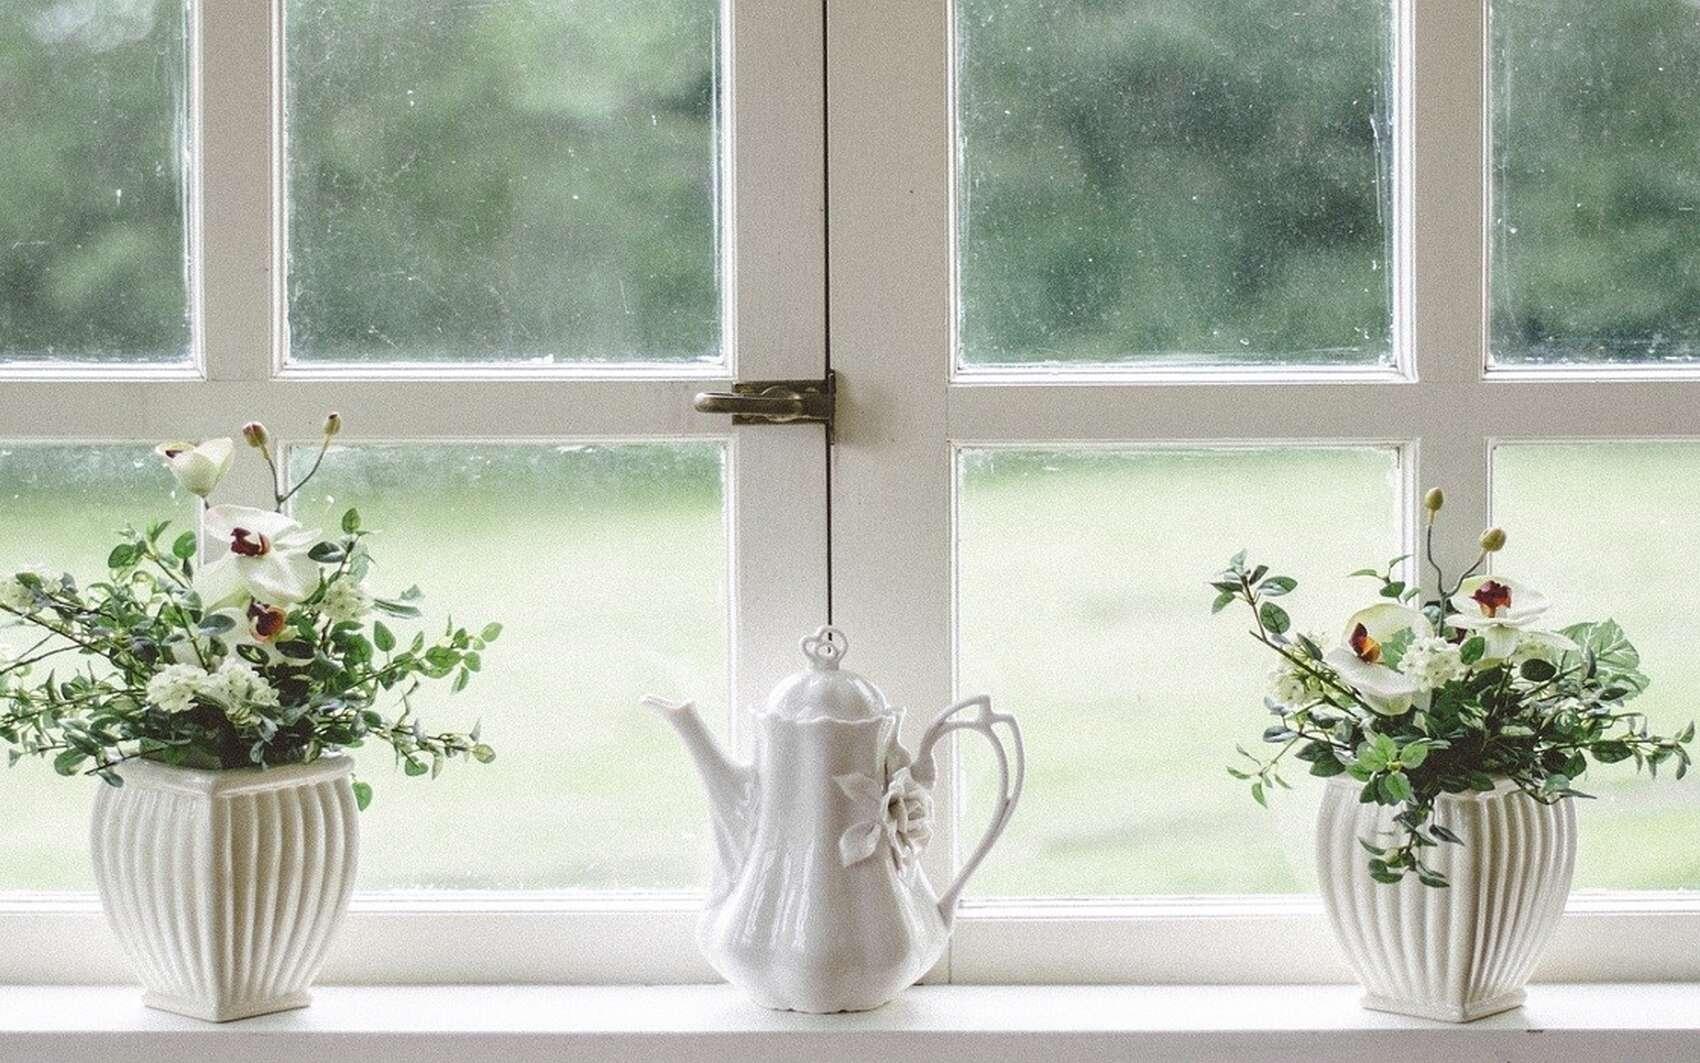 La qualité de l'air intérieur est importante à surveiller dans cette période de confinement. © Stocksnap, Pixabay